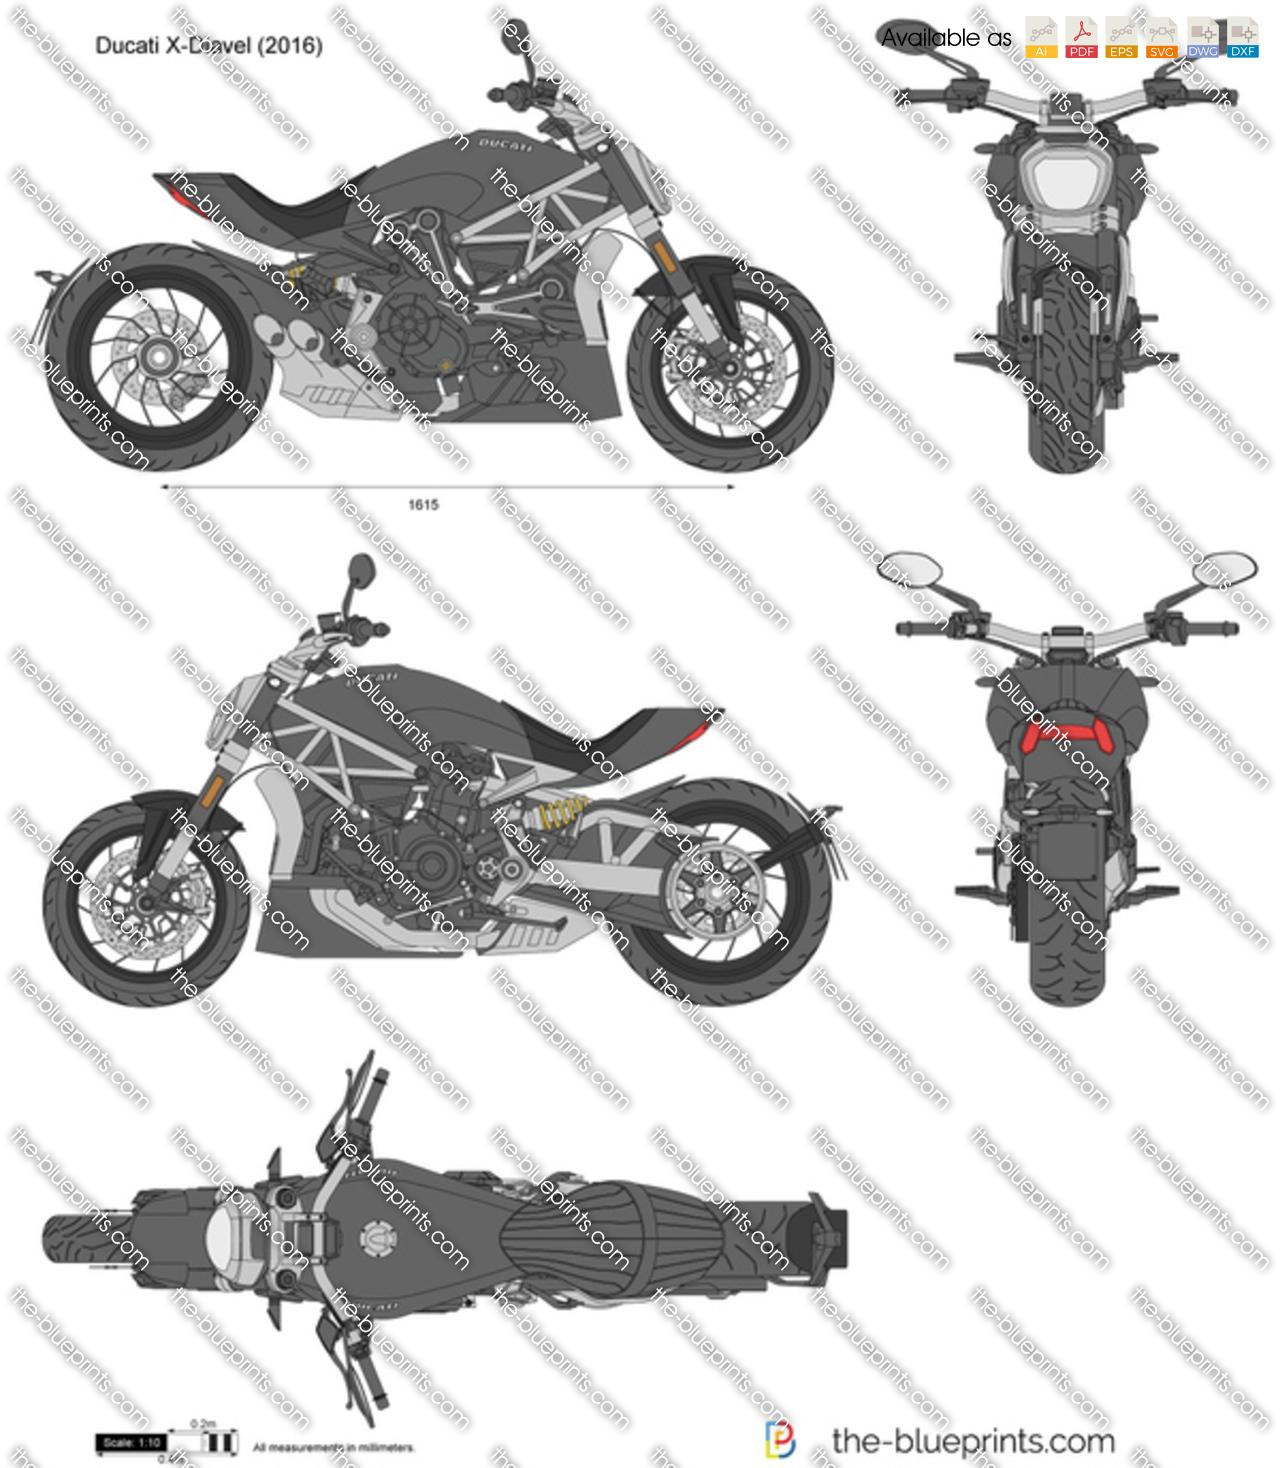 Ducati X-Diavel